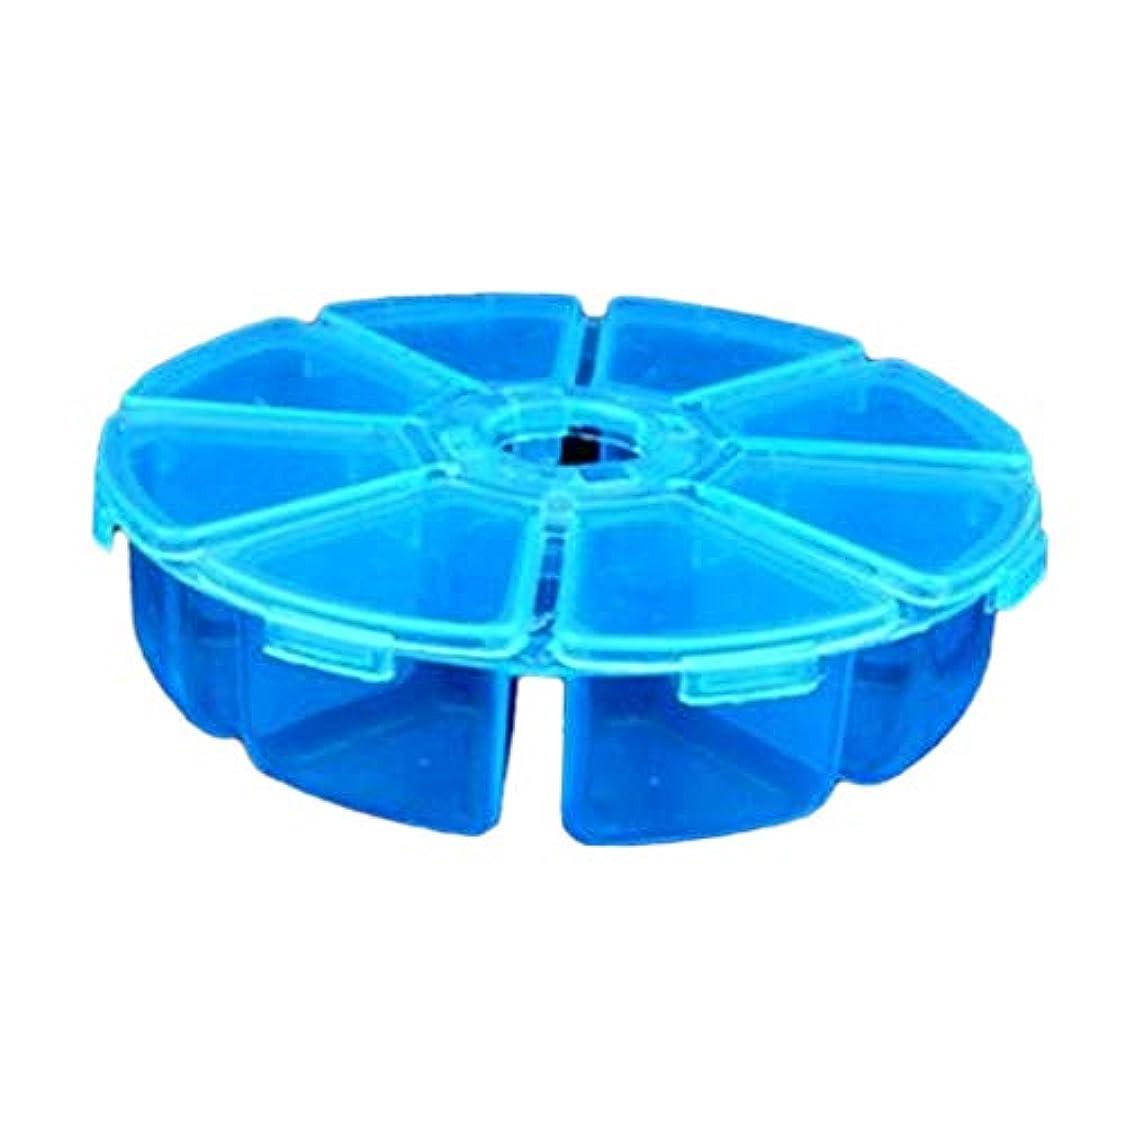 たまに敬意限られたDYNWAVE ネイルアート オーガナイザー 収納 ボックス 8コンパートメント 仕切り プラスチック 全4色 - ブルー